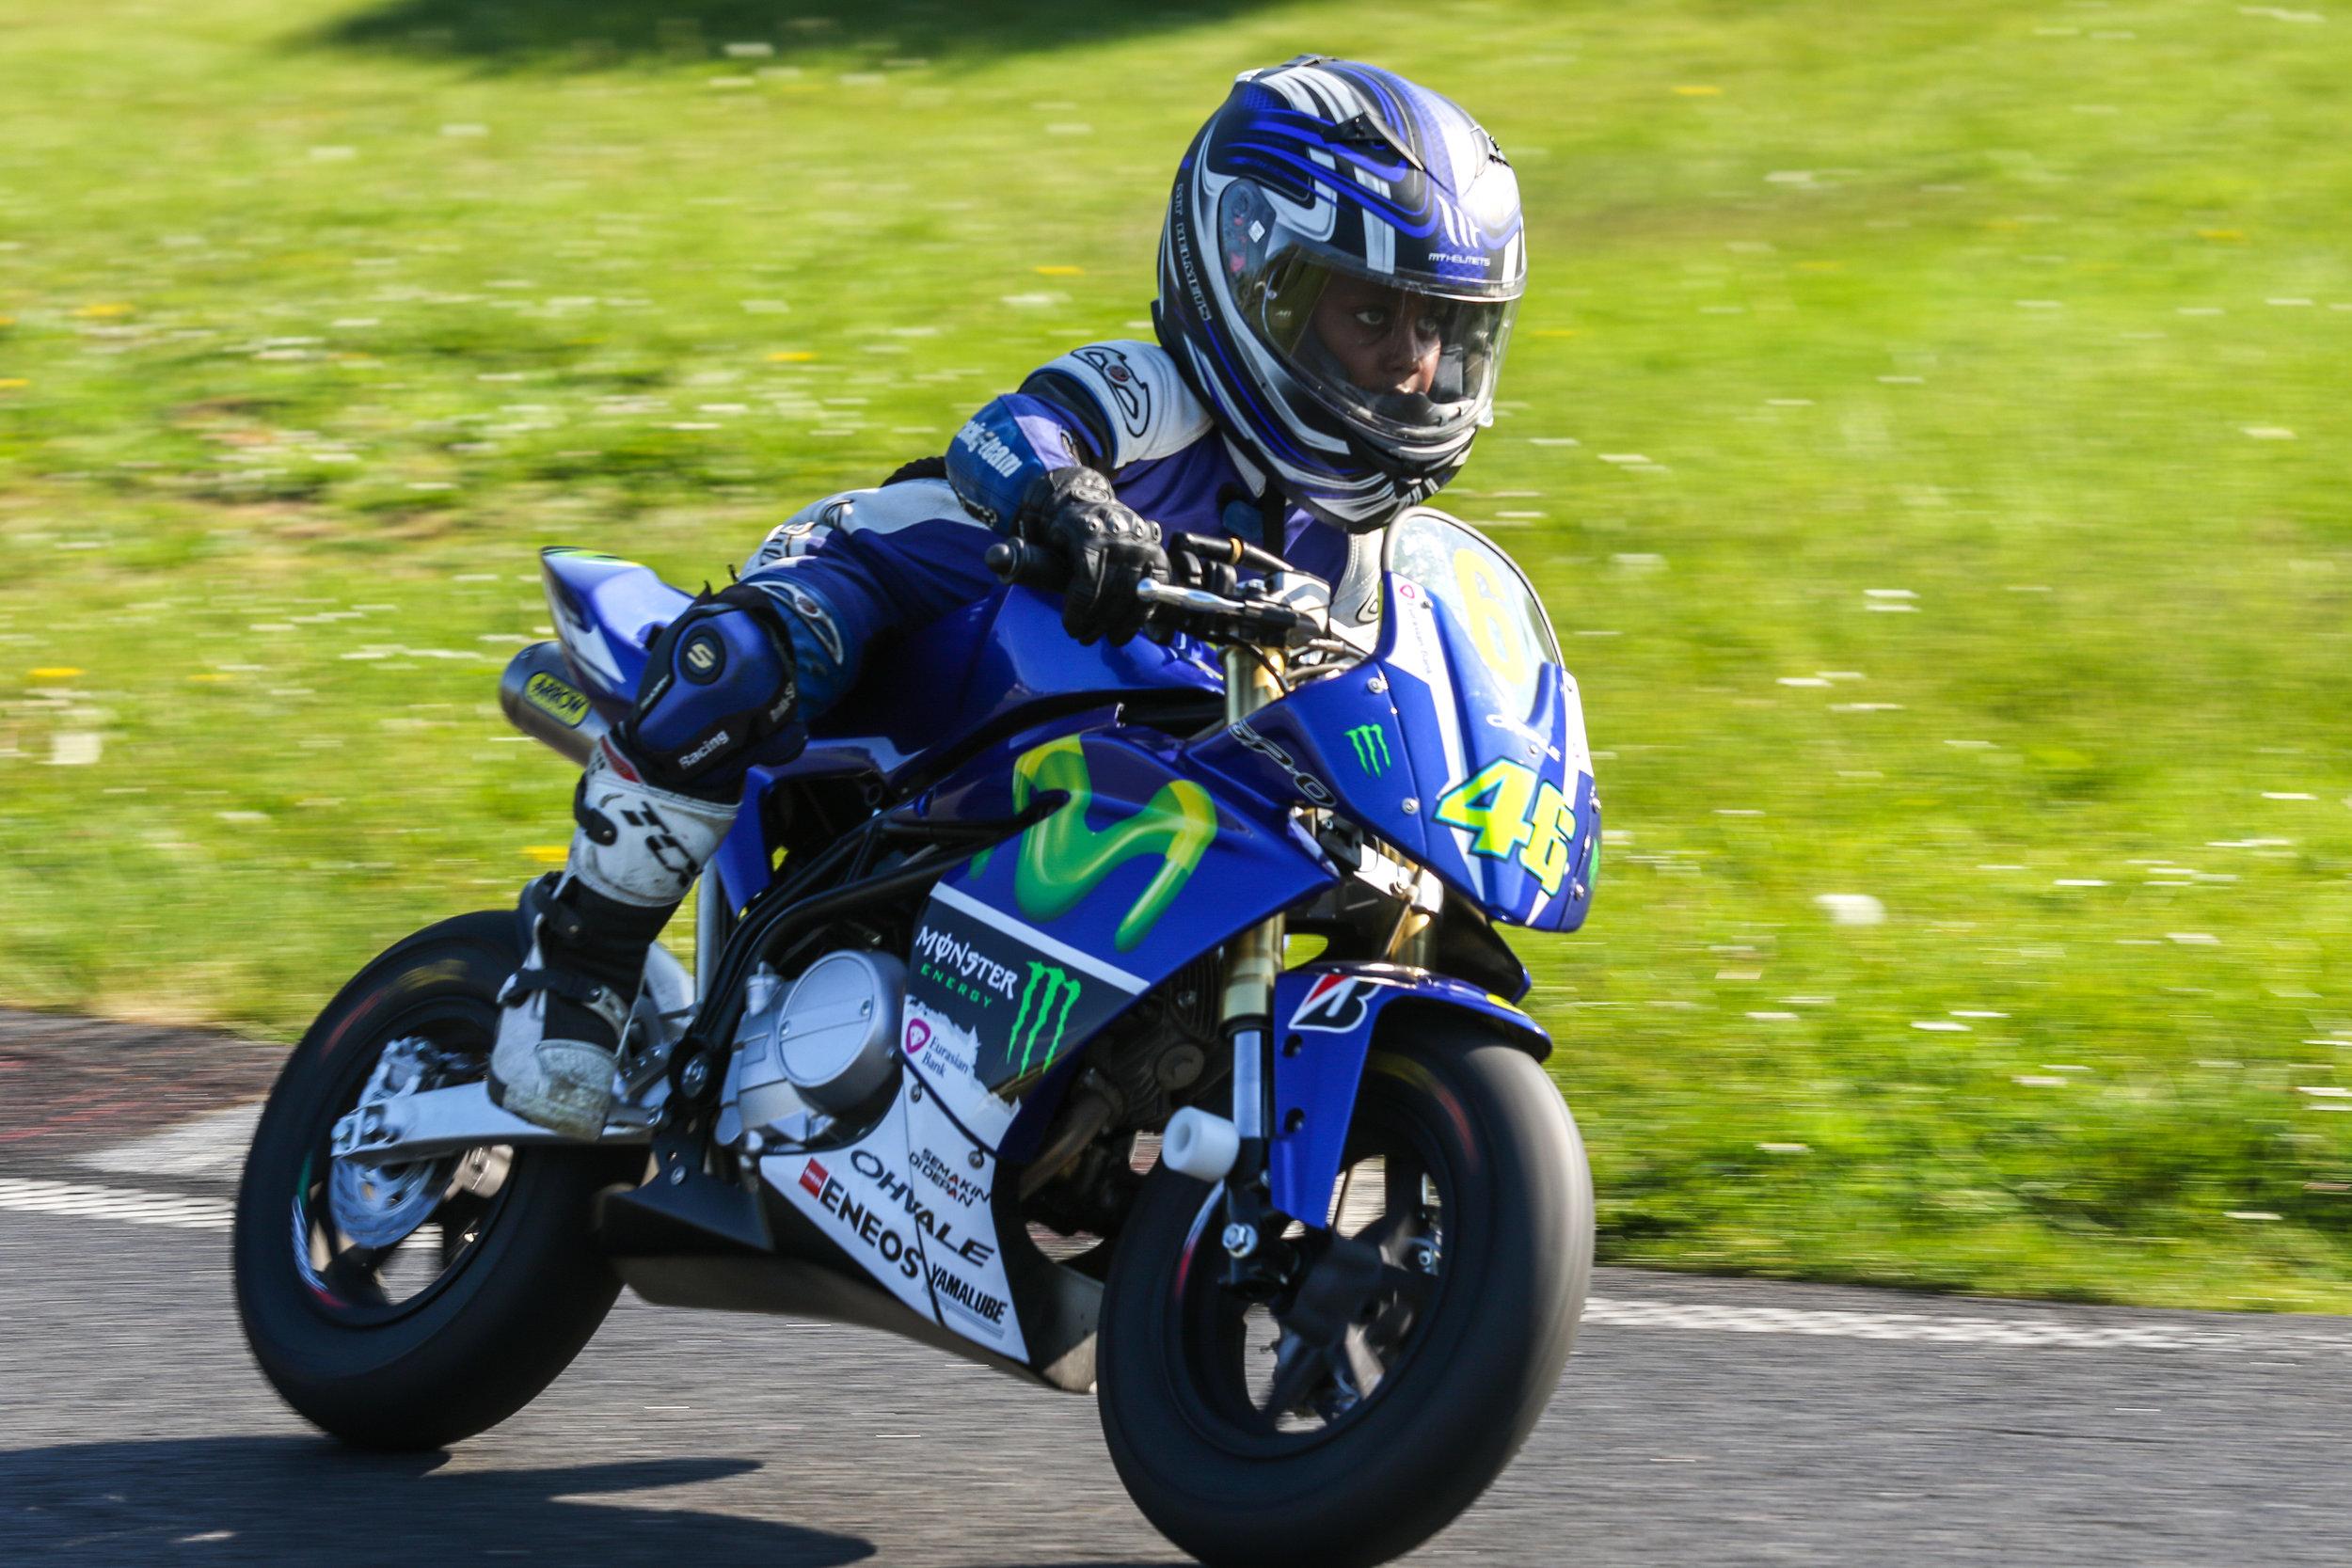 En af de yngste Ohvale kørere i Danmark er blot 6 år gammel, og øver sig til træninger indtil han bliver gammel nok til at deltage ved DM.